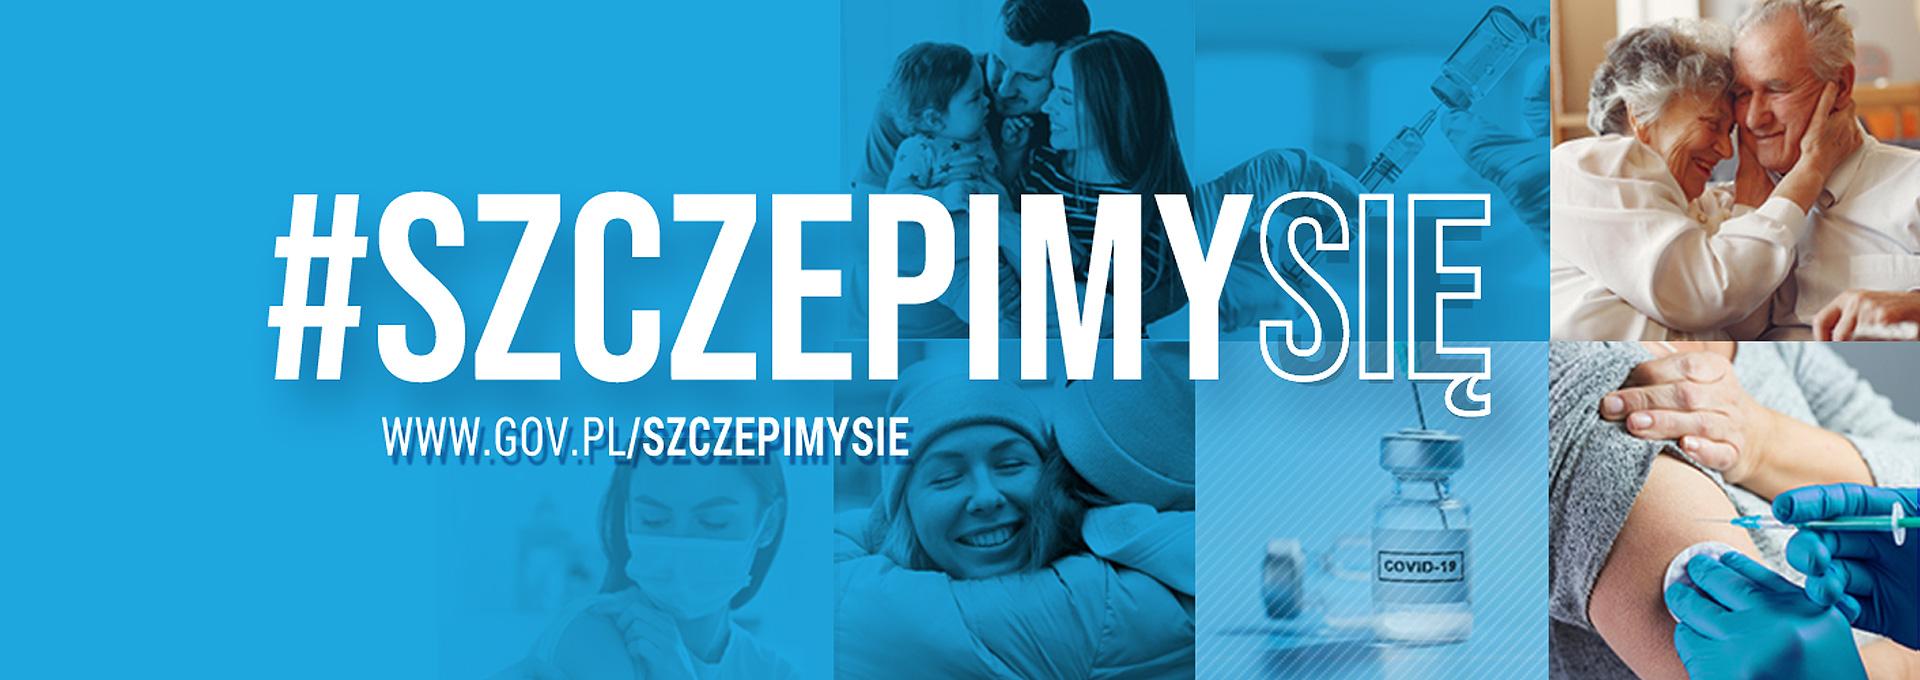 Hasło szczepimysię oraz adres www.gov.pl/szczepimysie. Niebieskie tło, ludzie po prawej stronie, ampułka ze szczepionką.